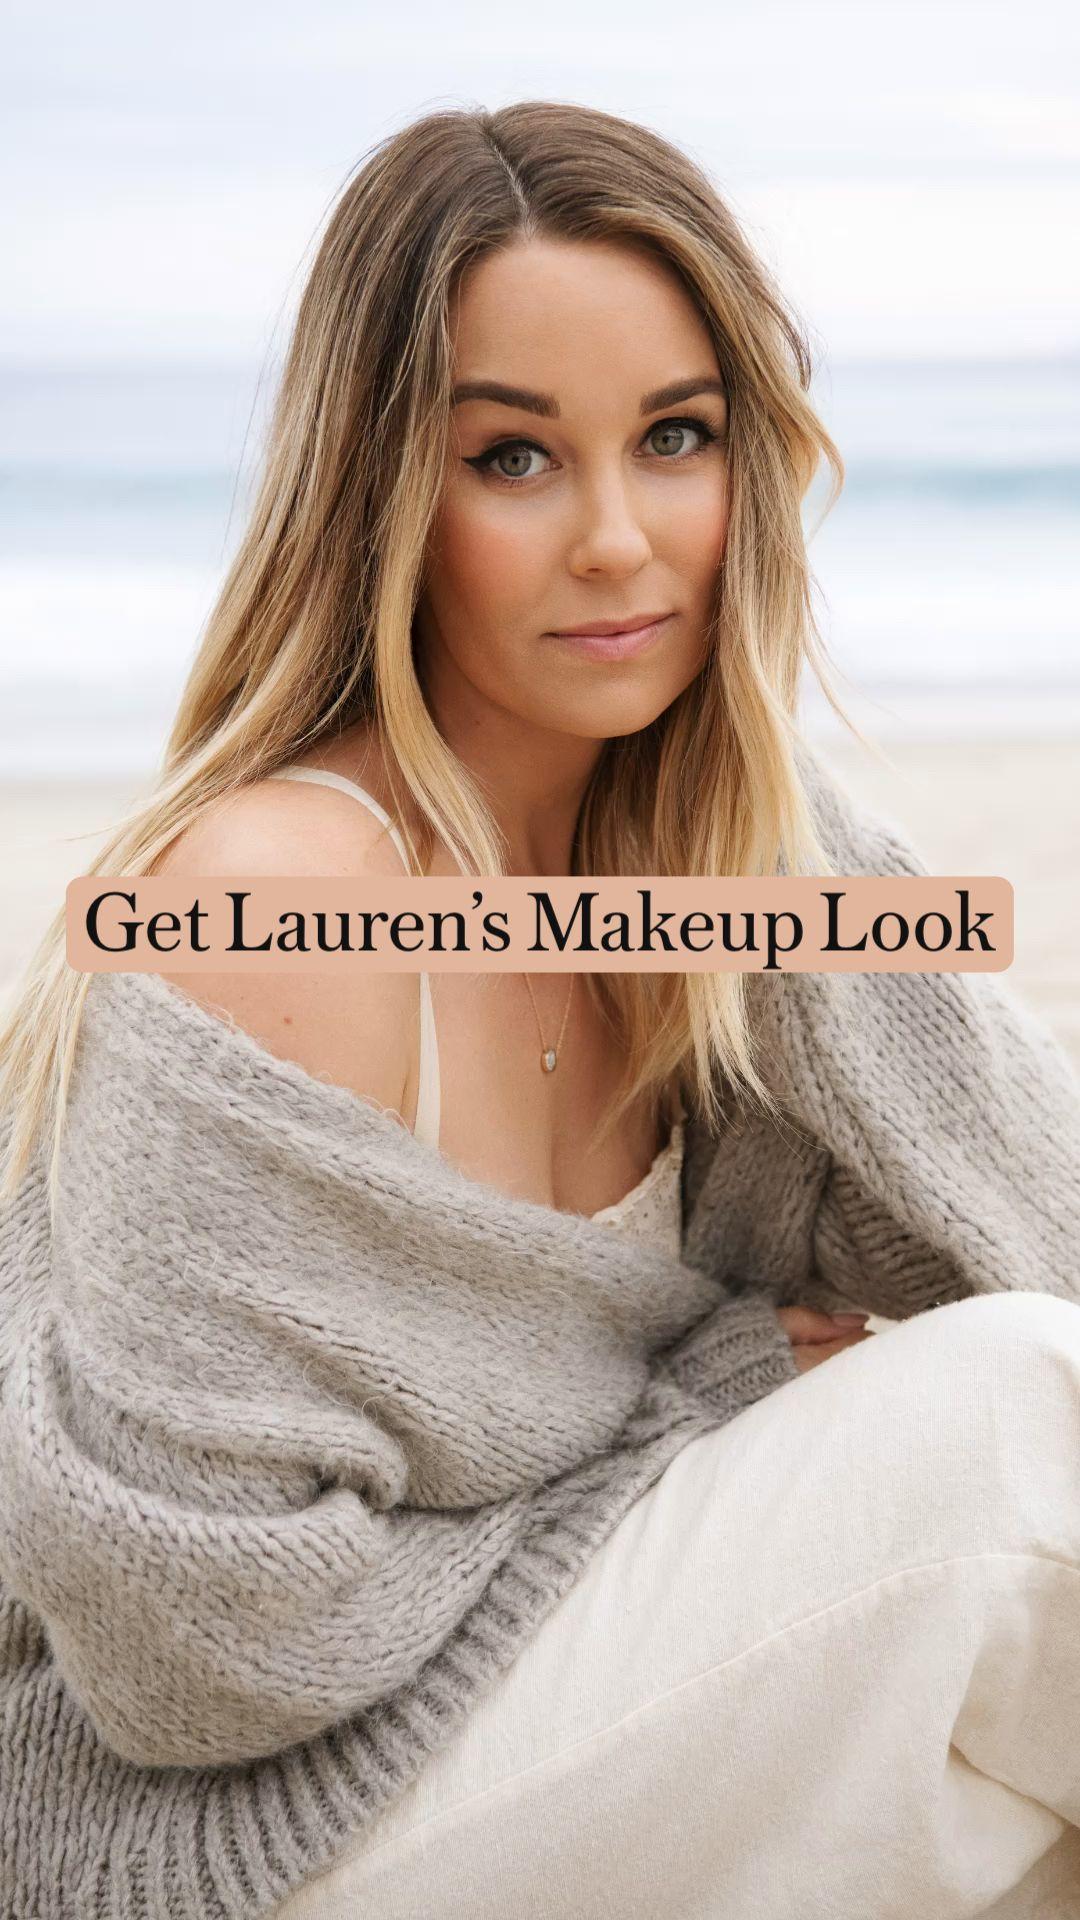 Get Lauren's Makeup Look